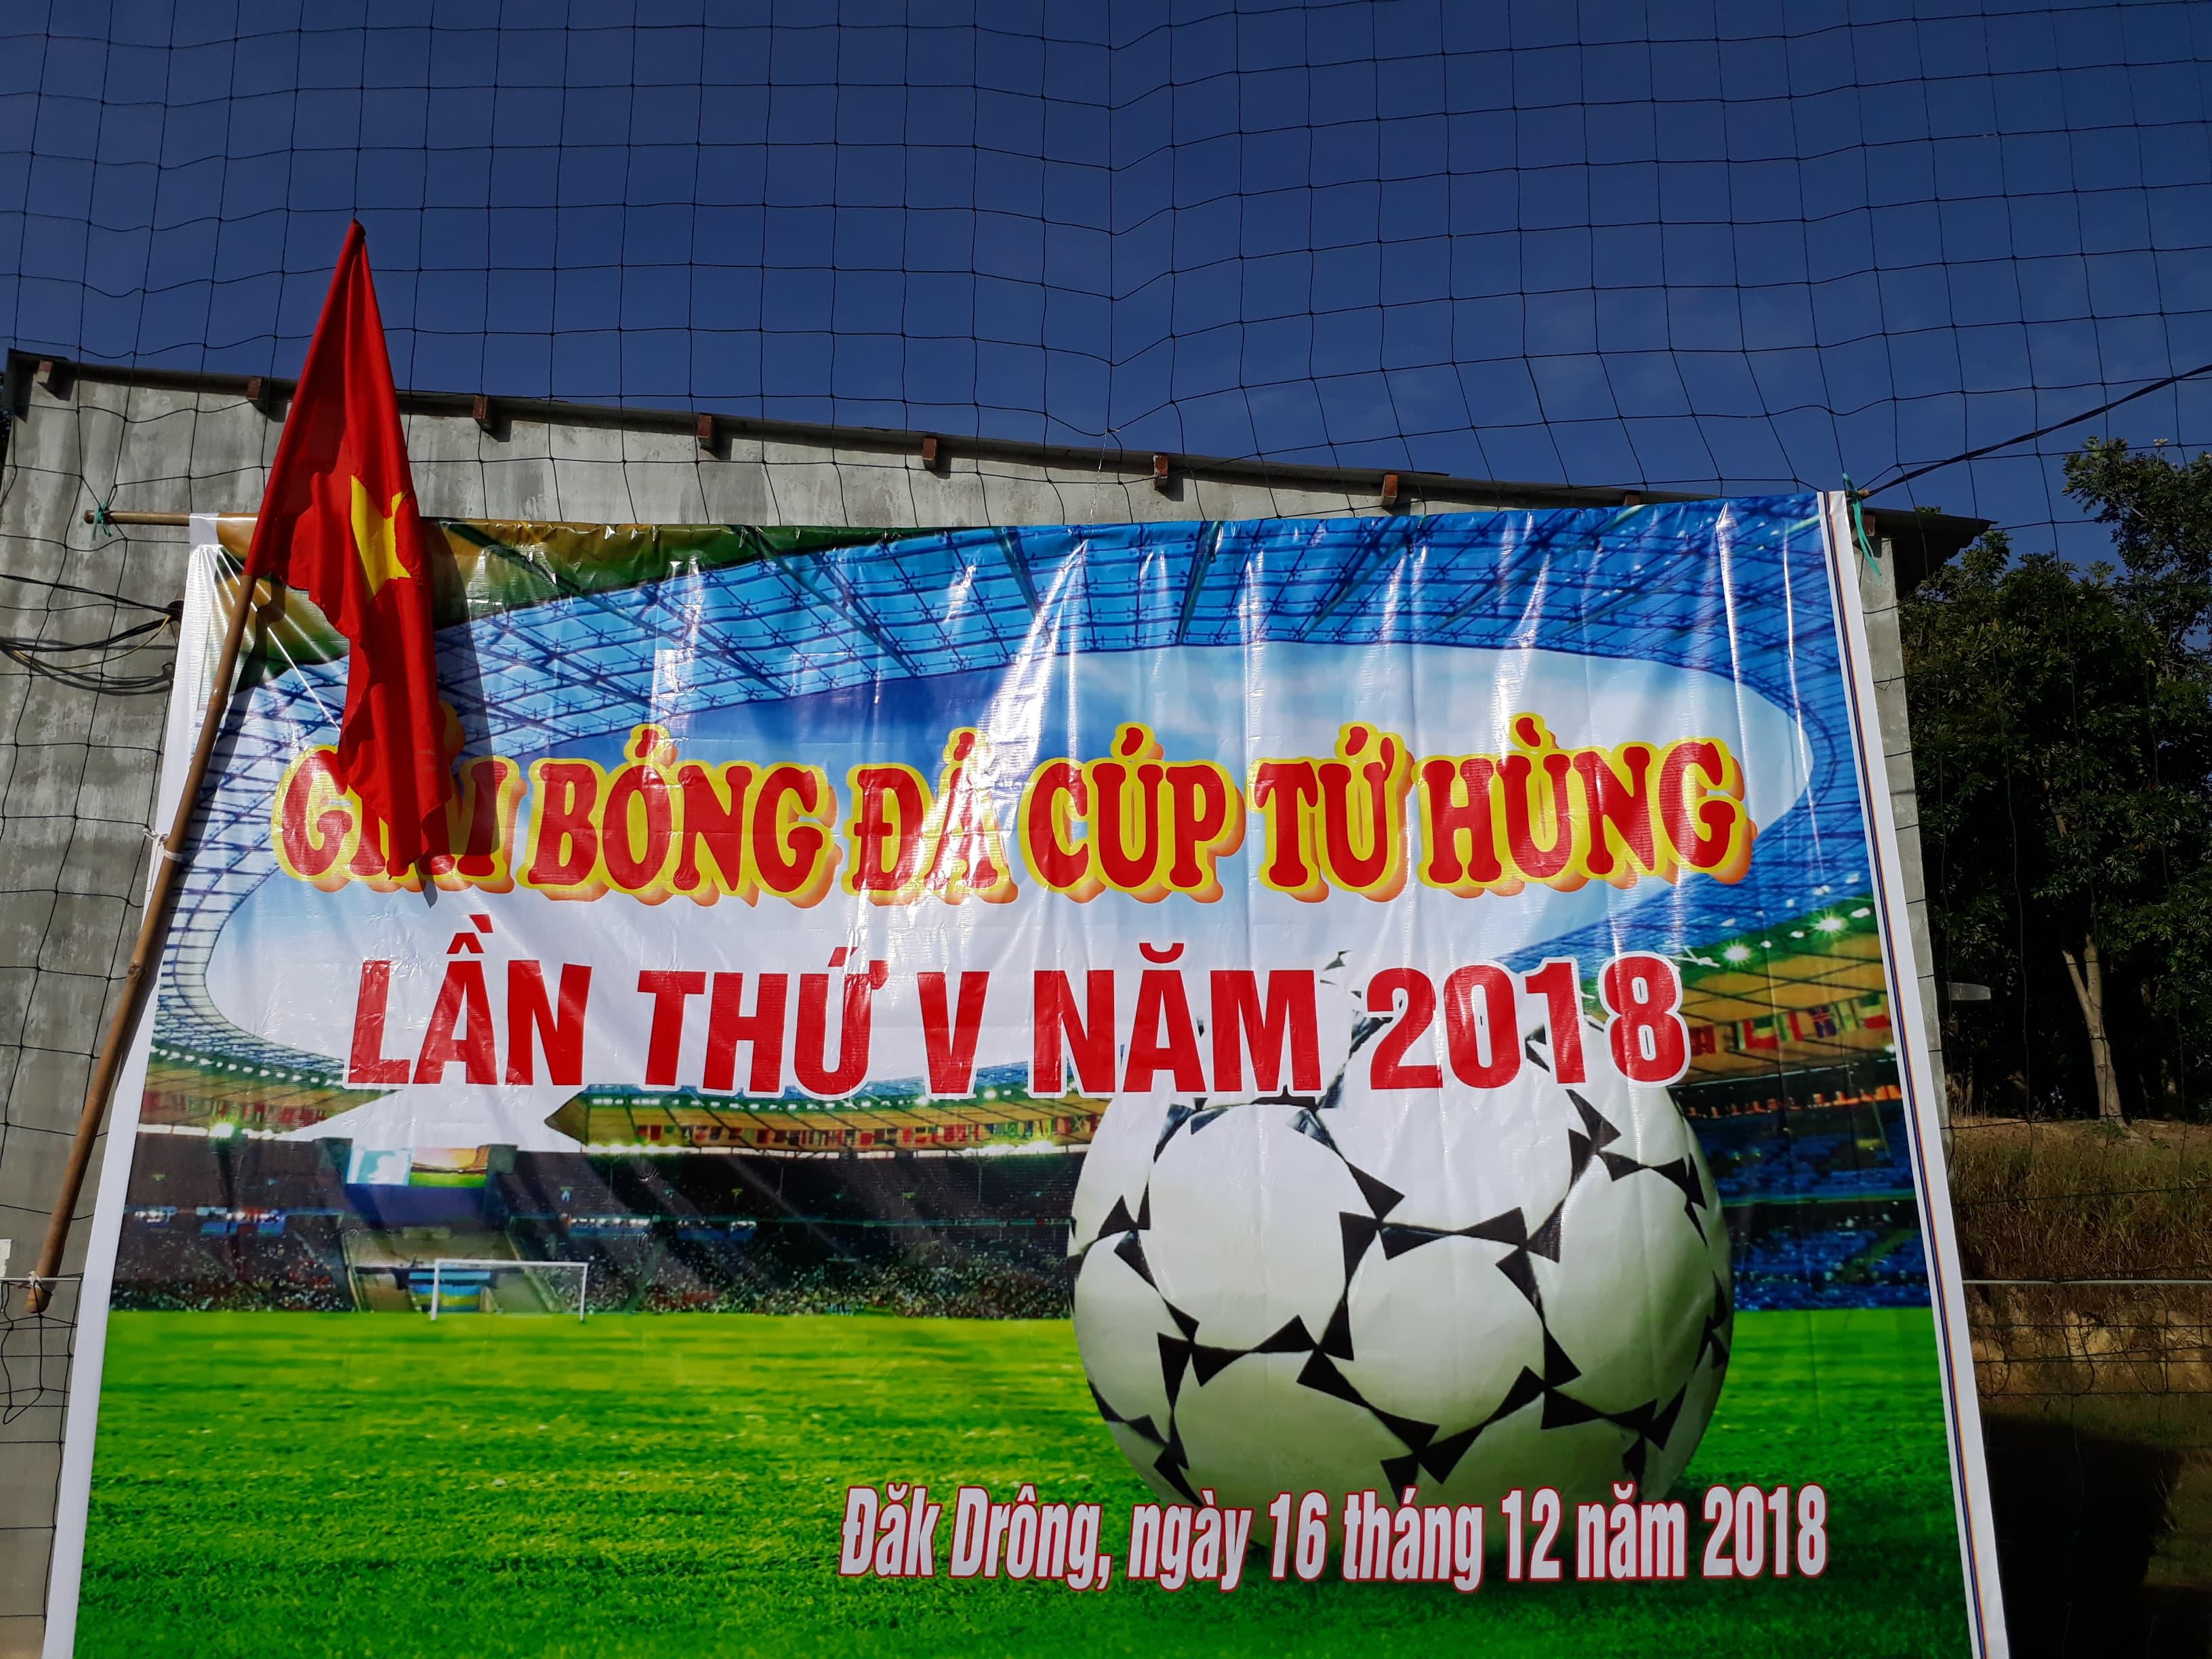 Giải bóng đá cúp Tứ Hùng lần thứ V năm 2018